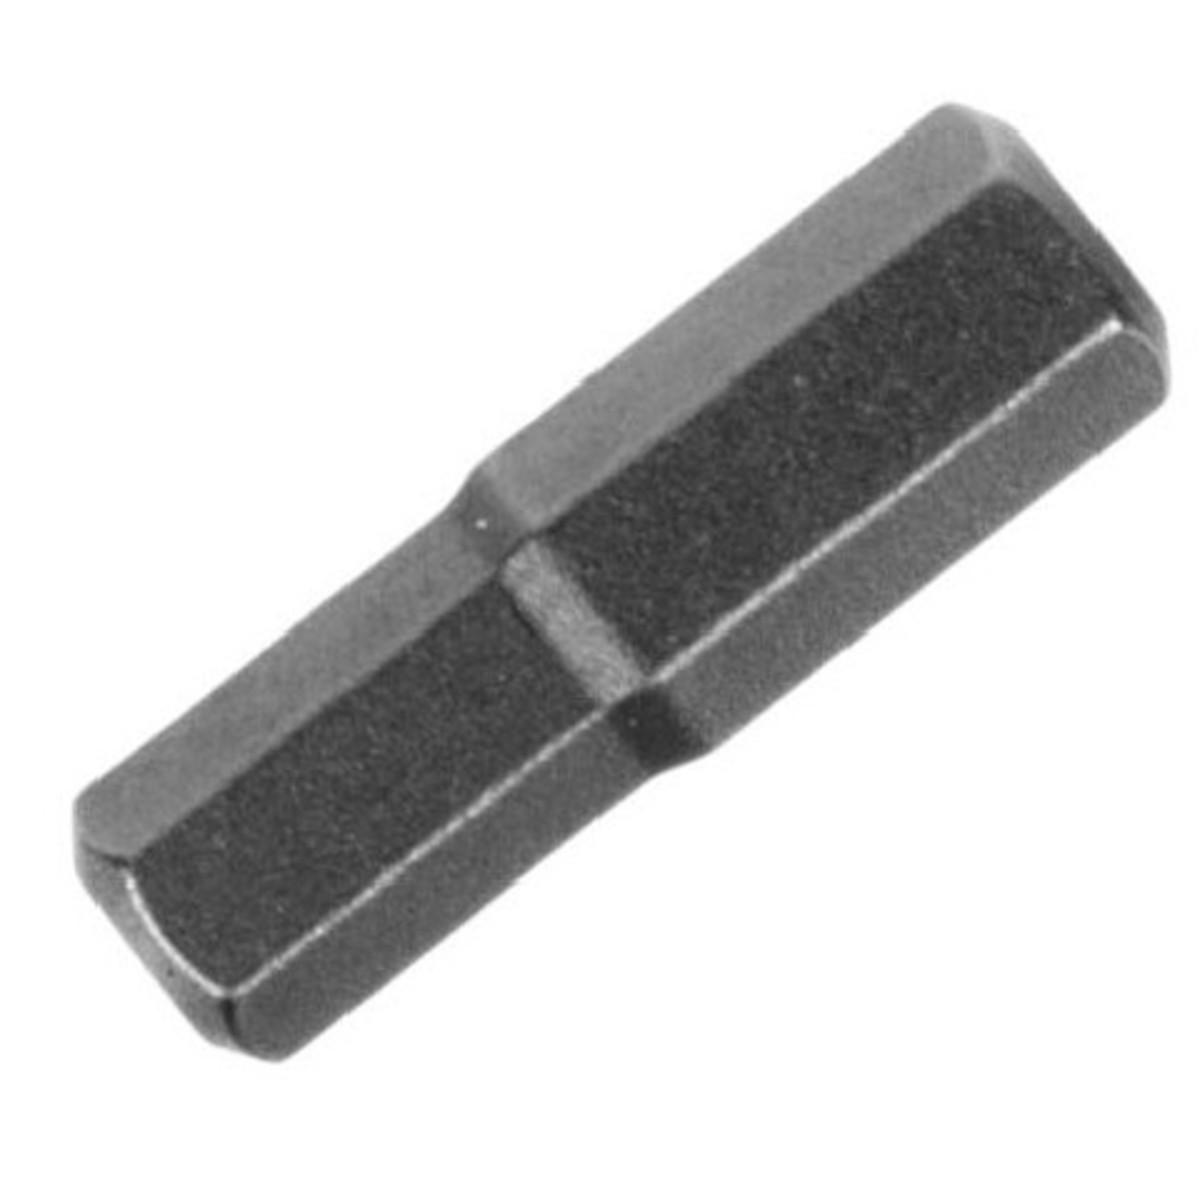 Биты Dexell H7 25 мм 2 шт.